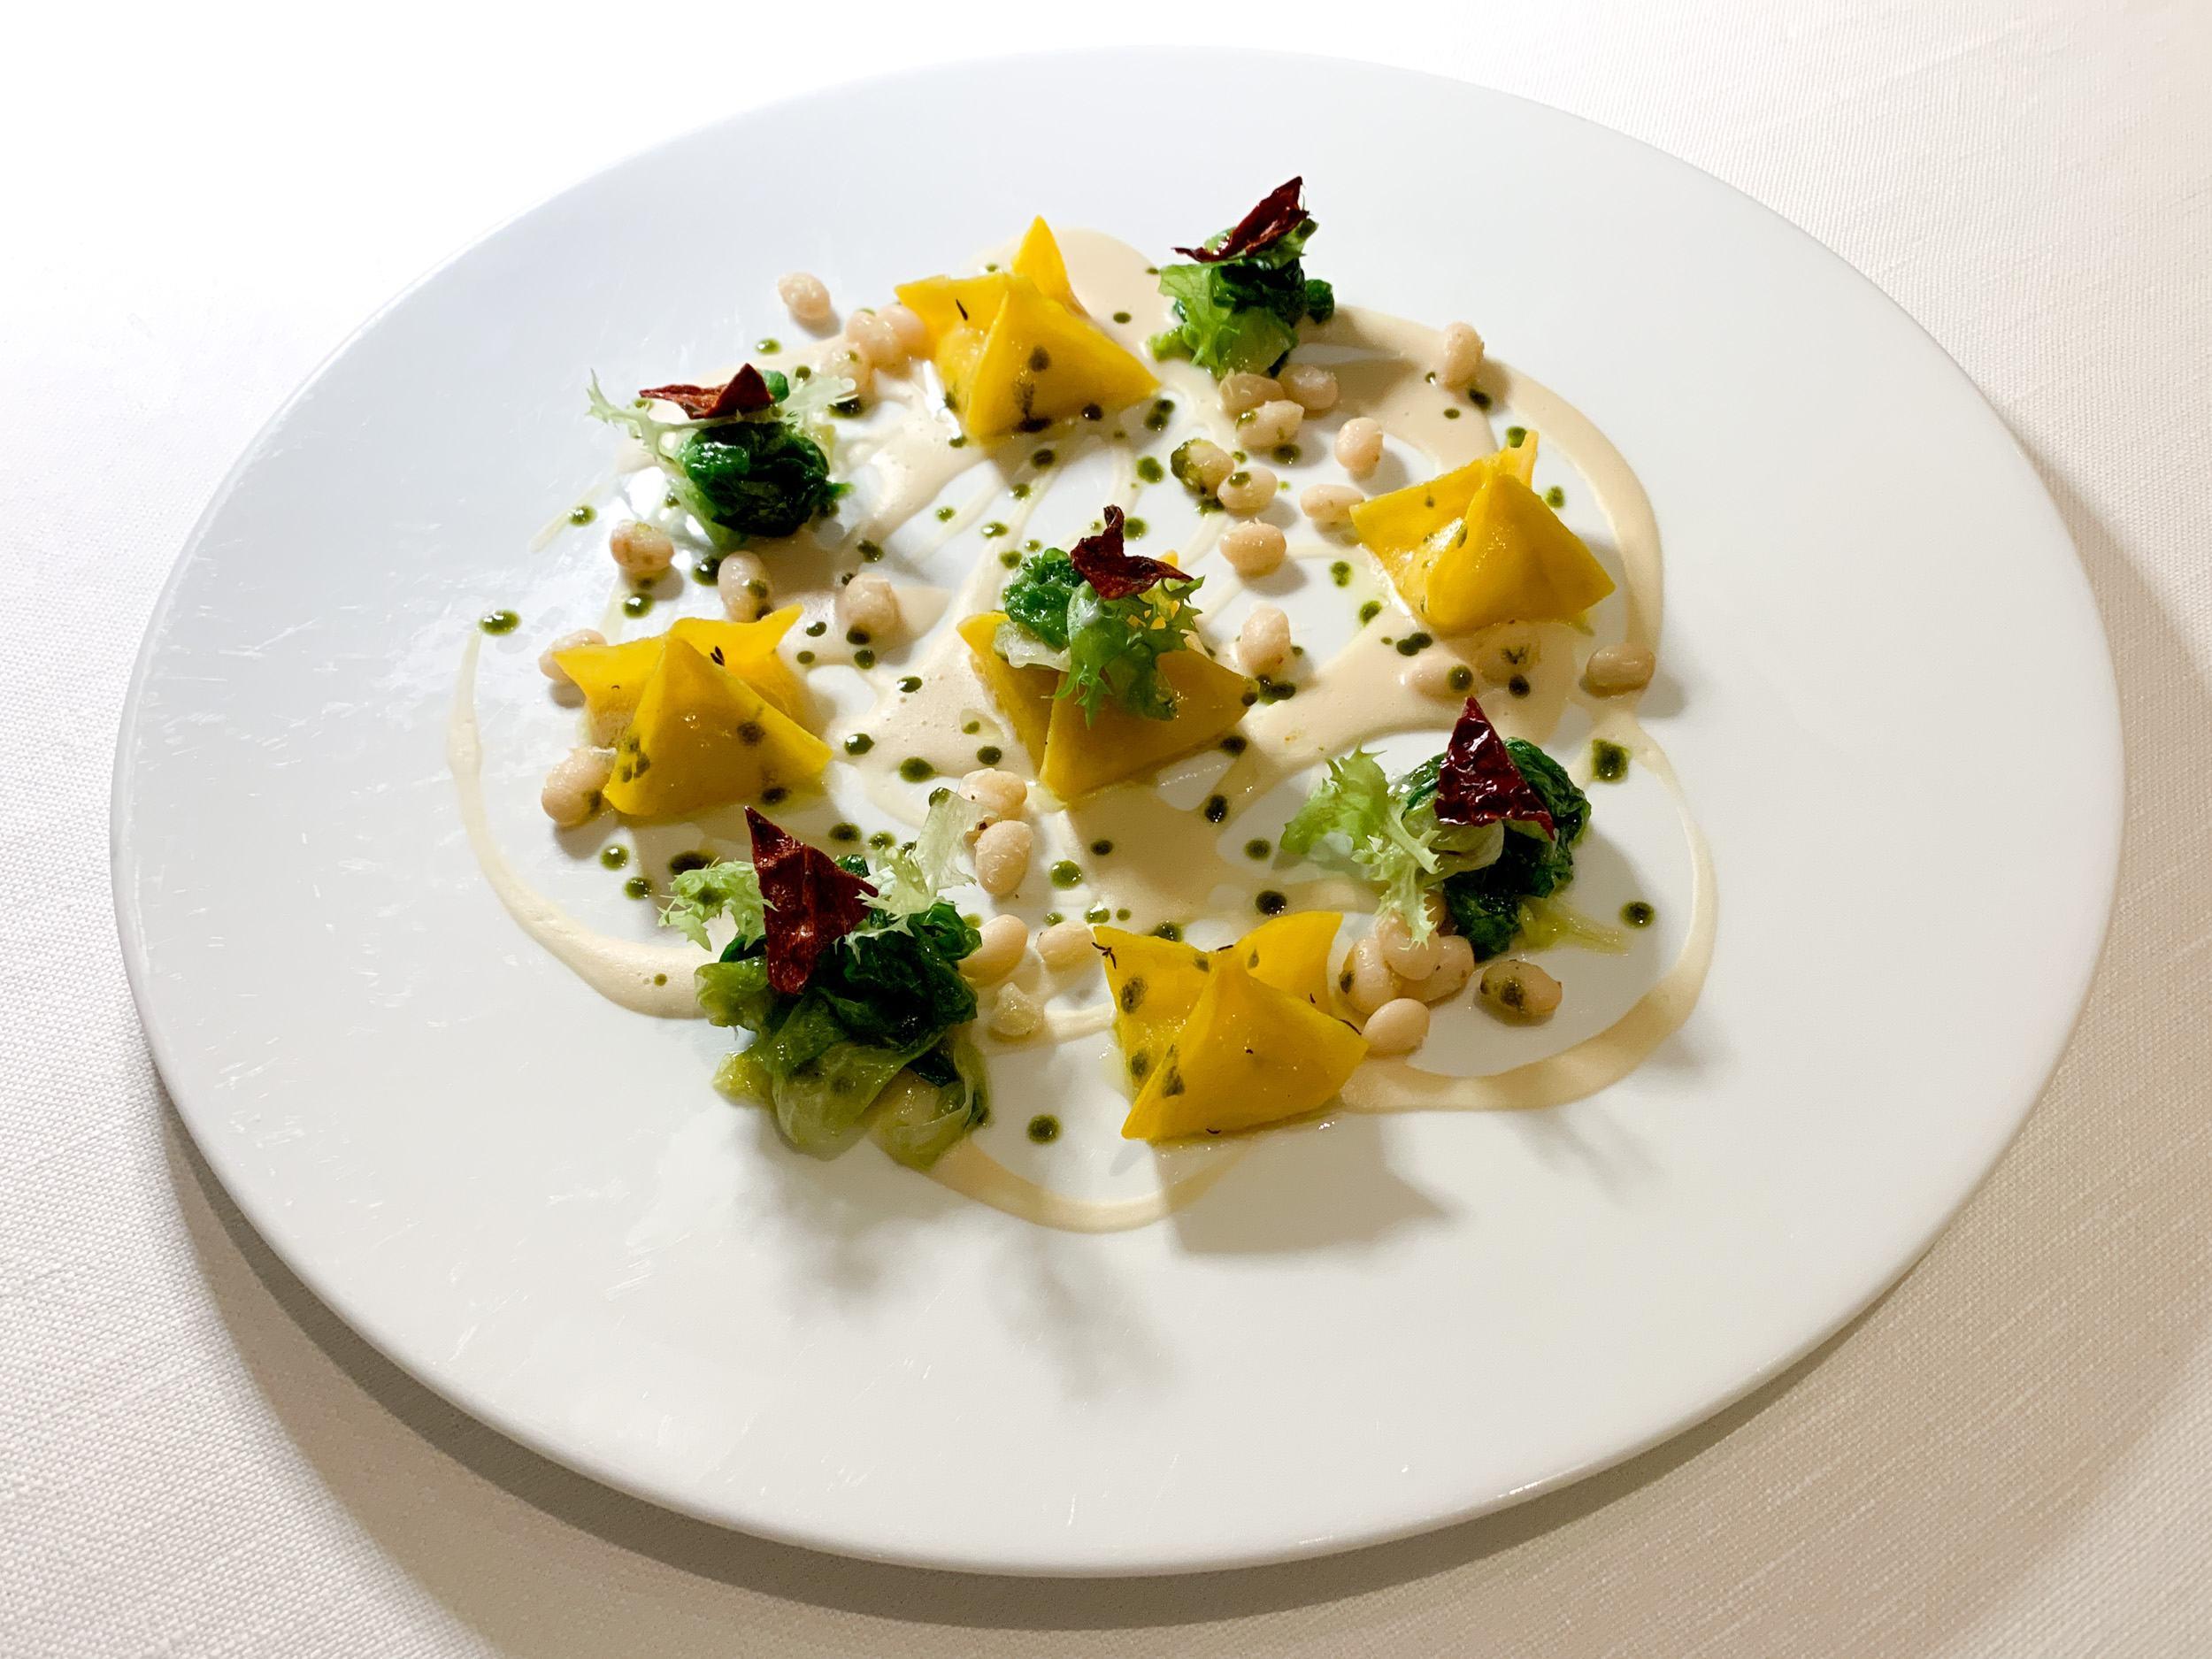 Fresh egg pasta at the Michelin-starred I Portici restaurant.